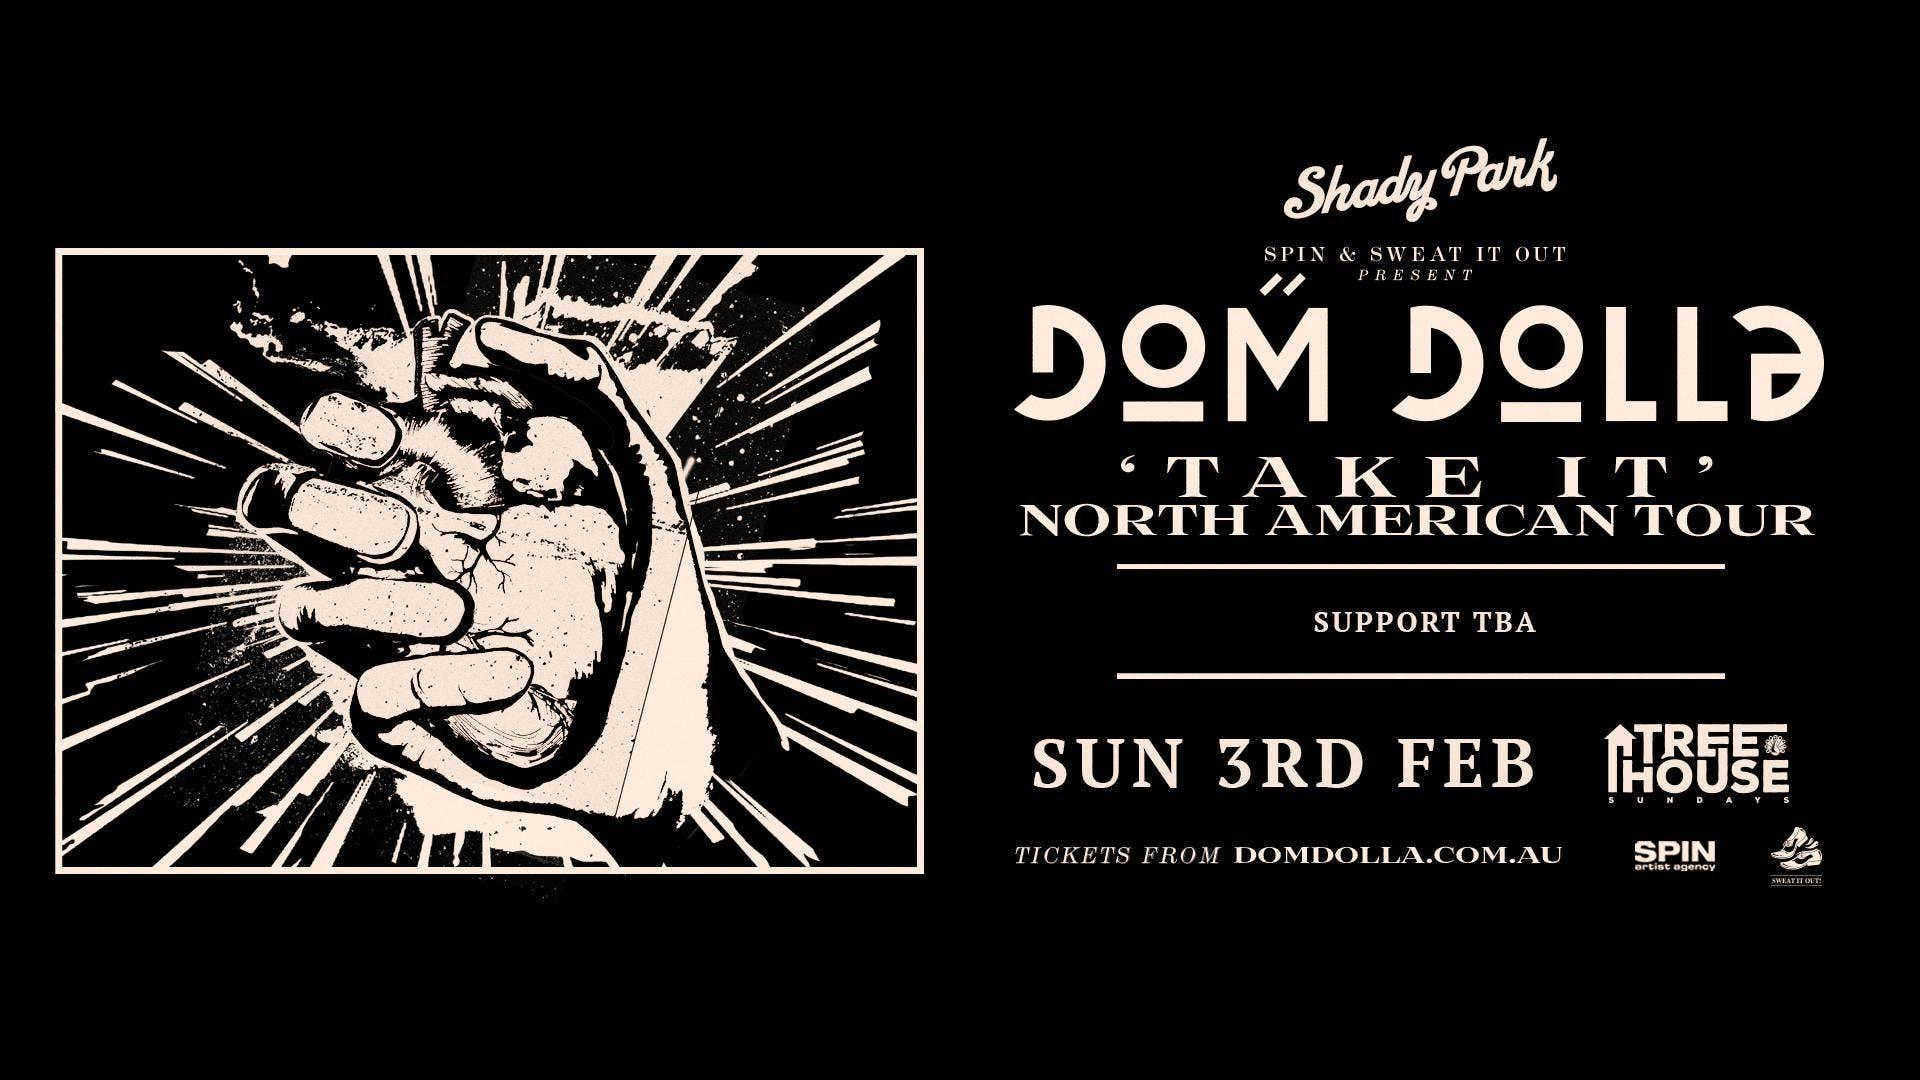 Dom Dolla - TreeHouse Sundays at Shady Park